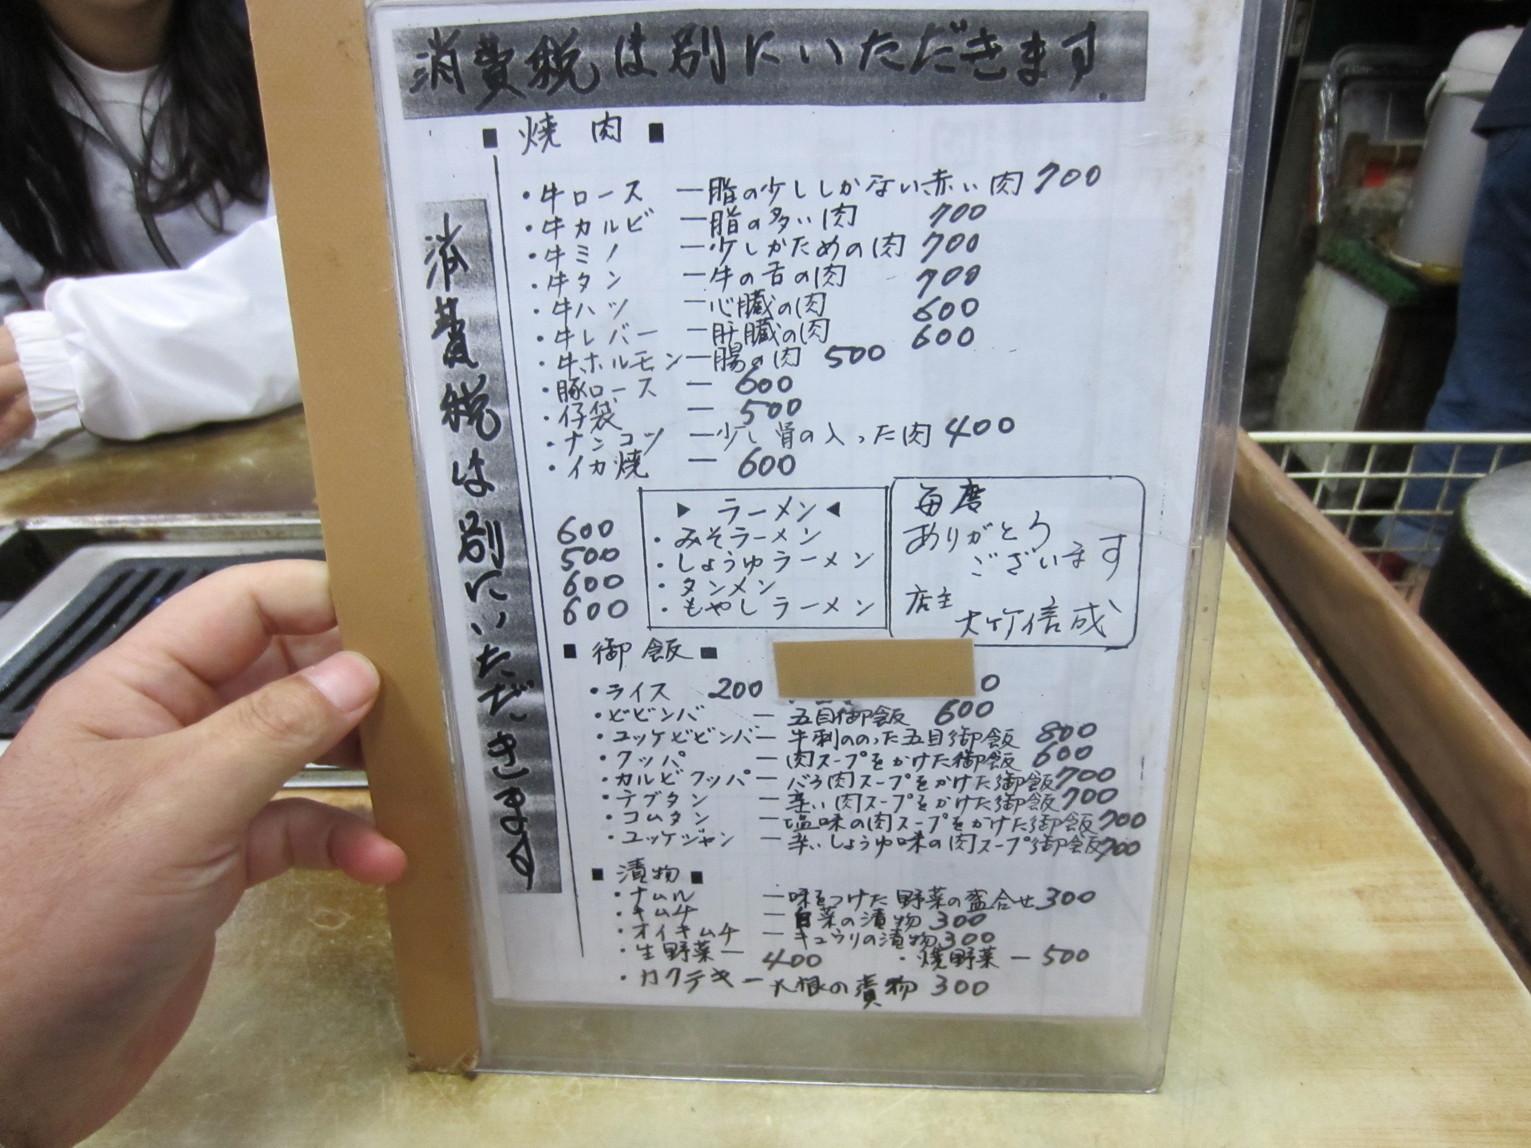 大竹焼肉店